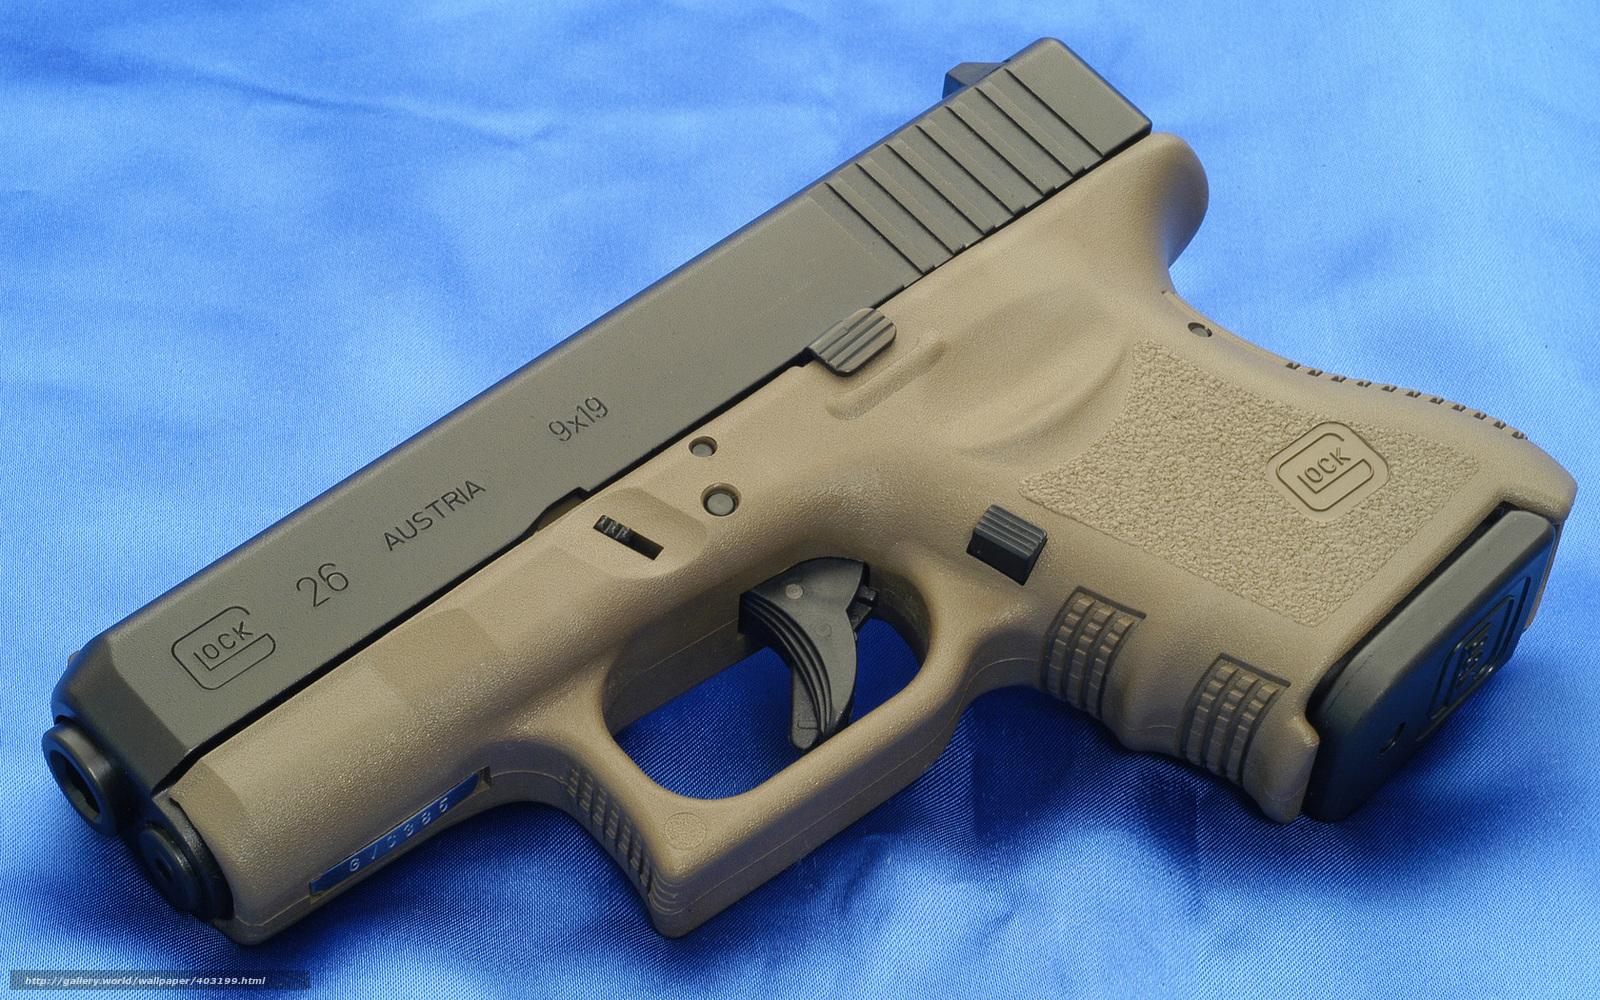 Download wallpaper gun, Glock